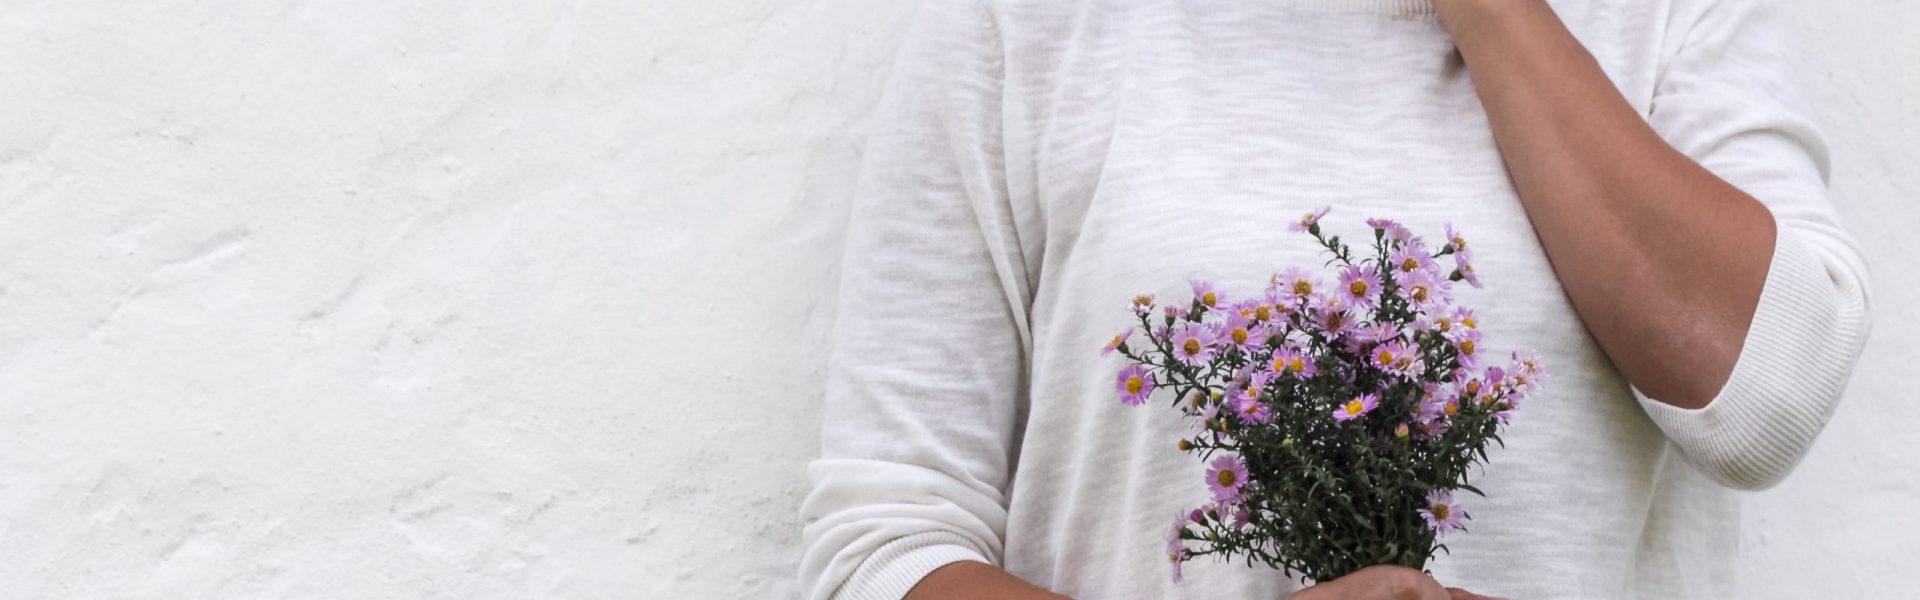 devojka-cveće